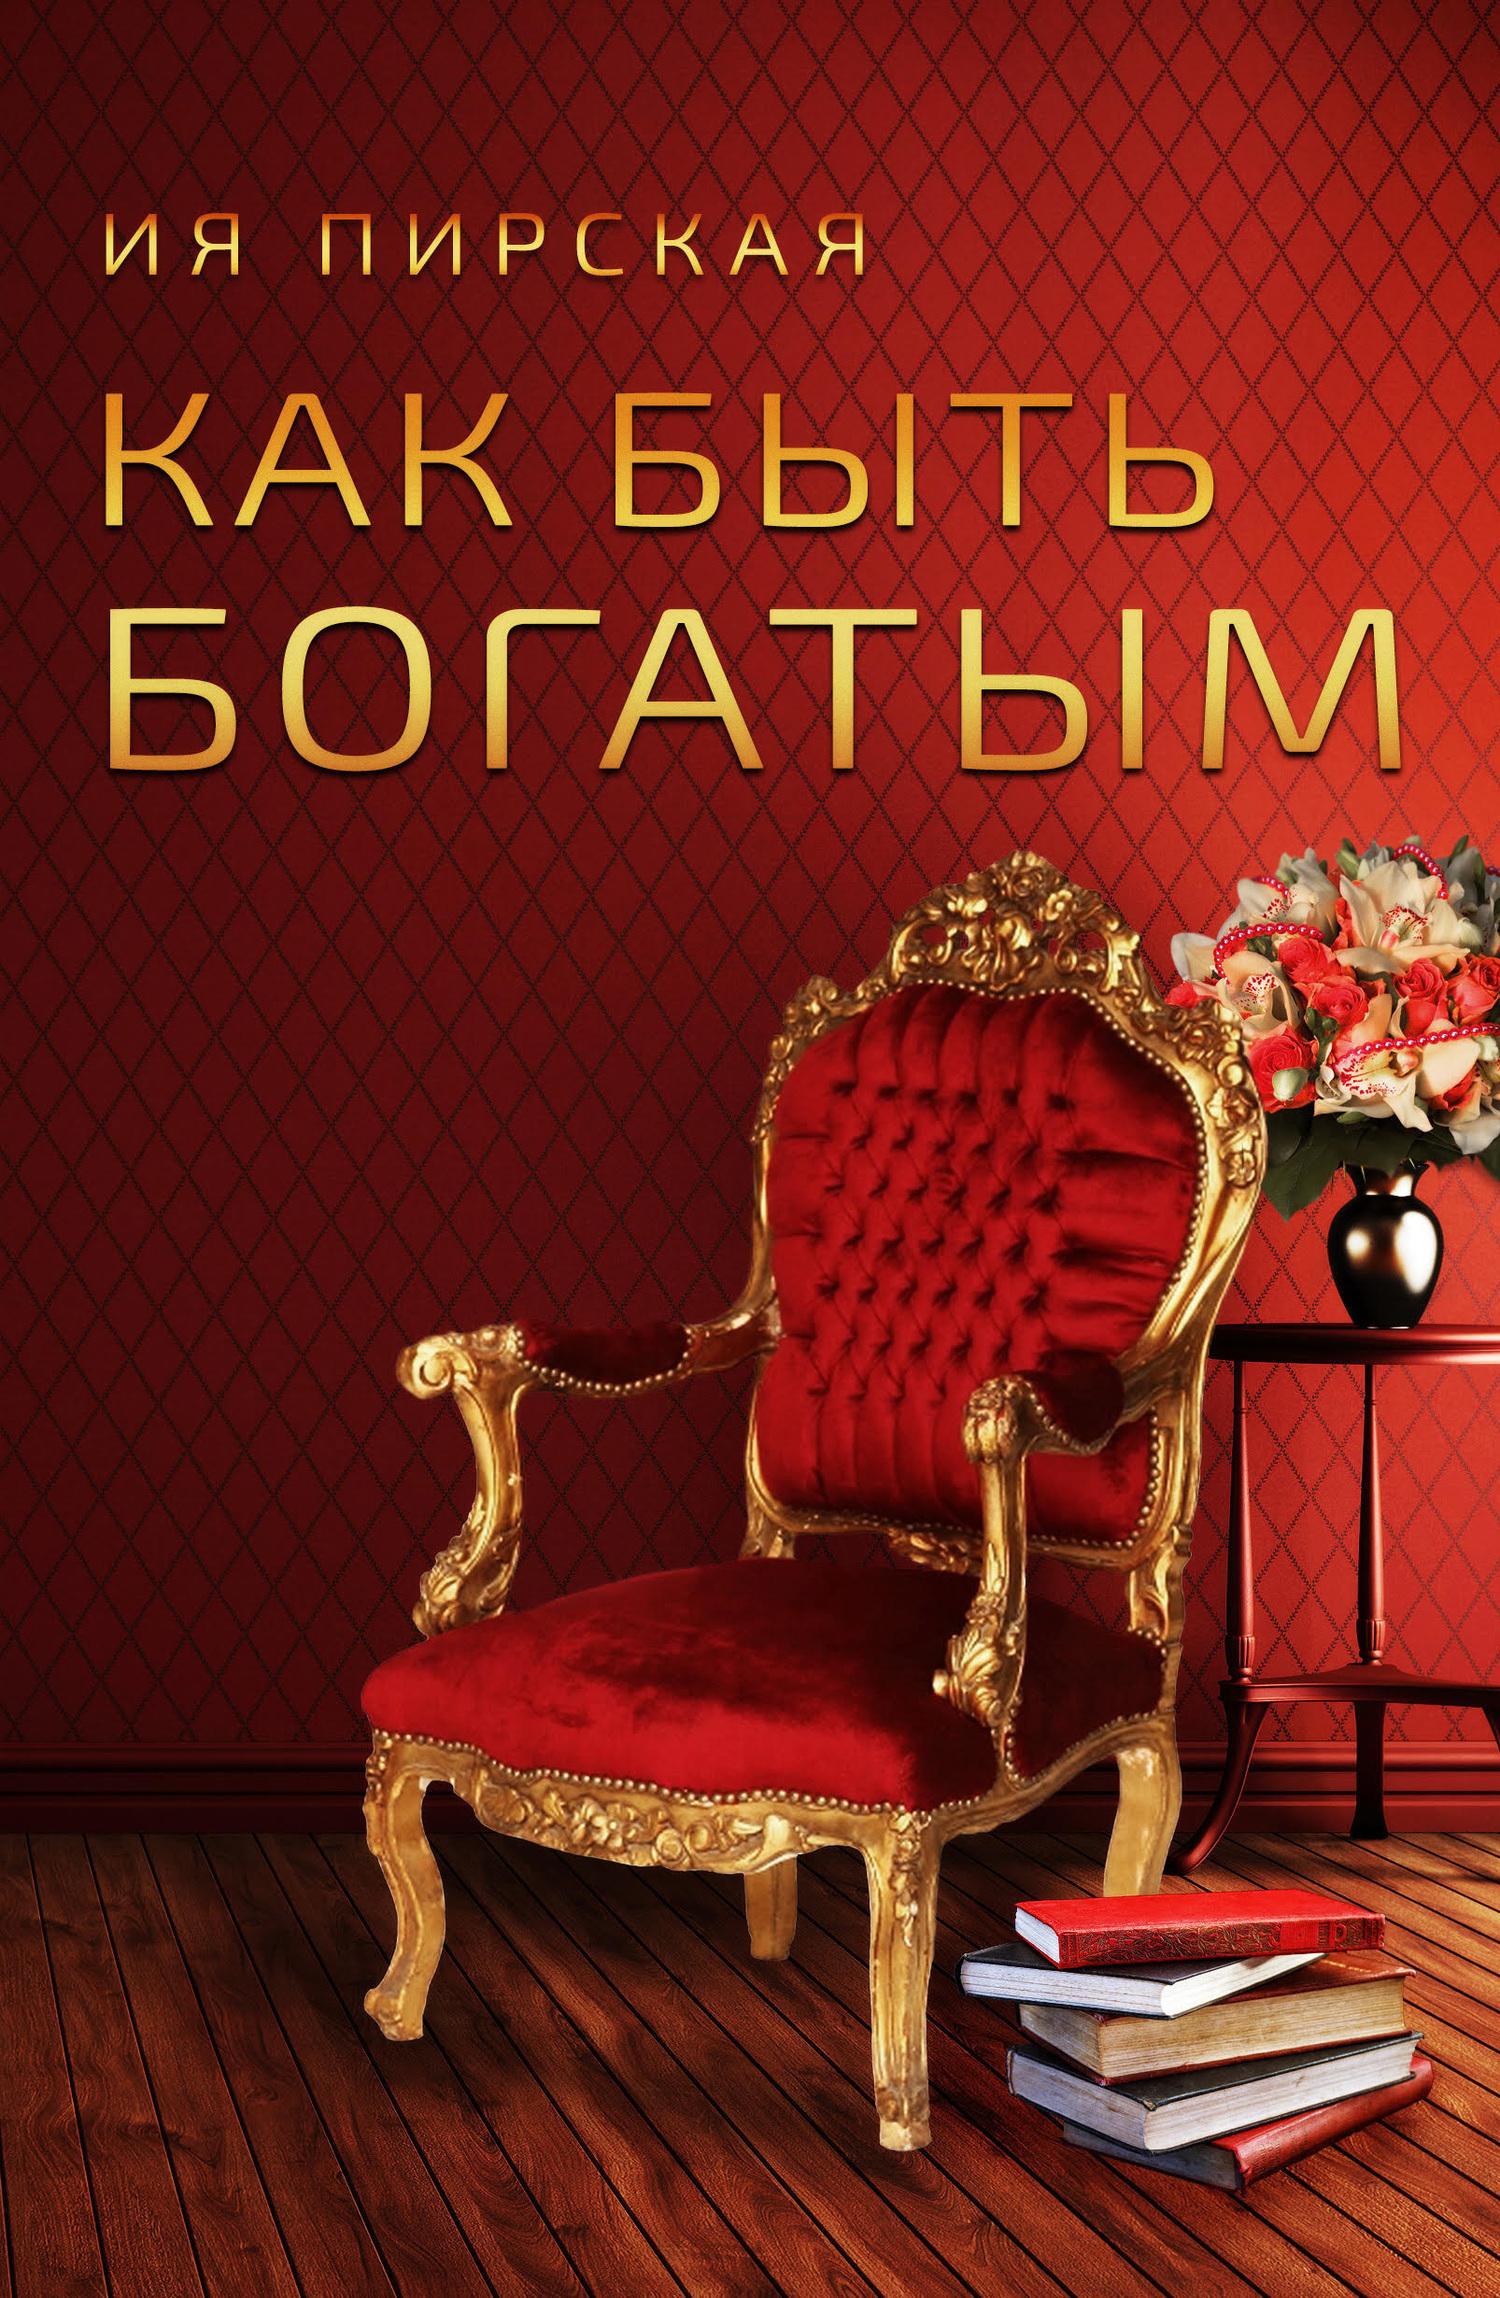 Обложка книги. Автор - Ия Пирская